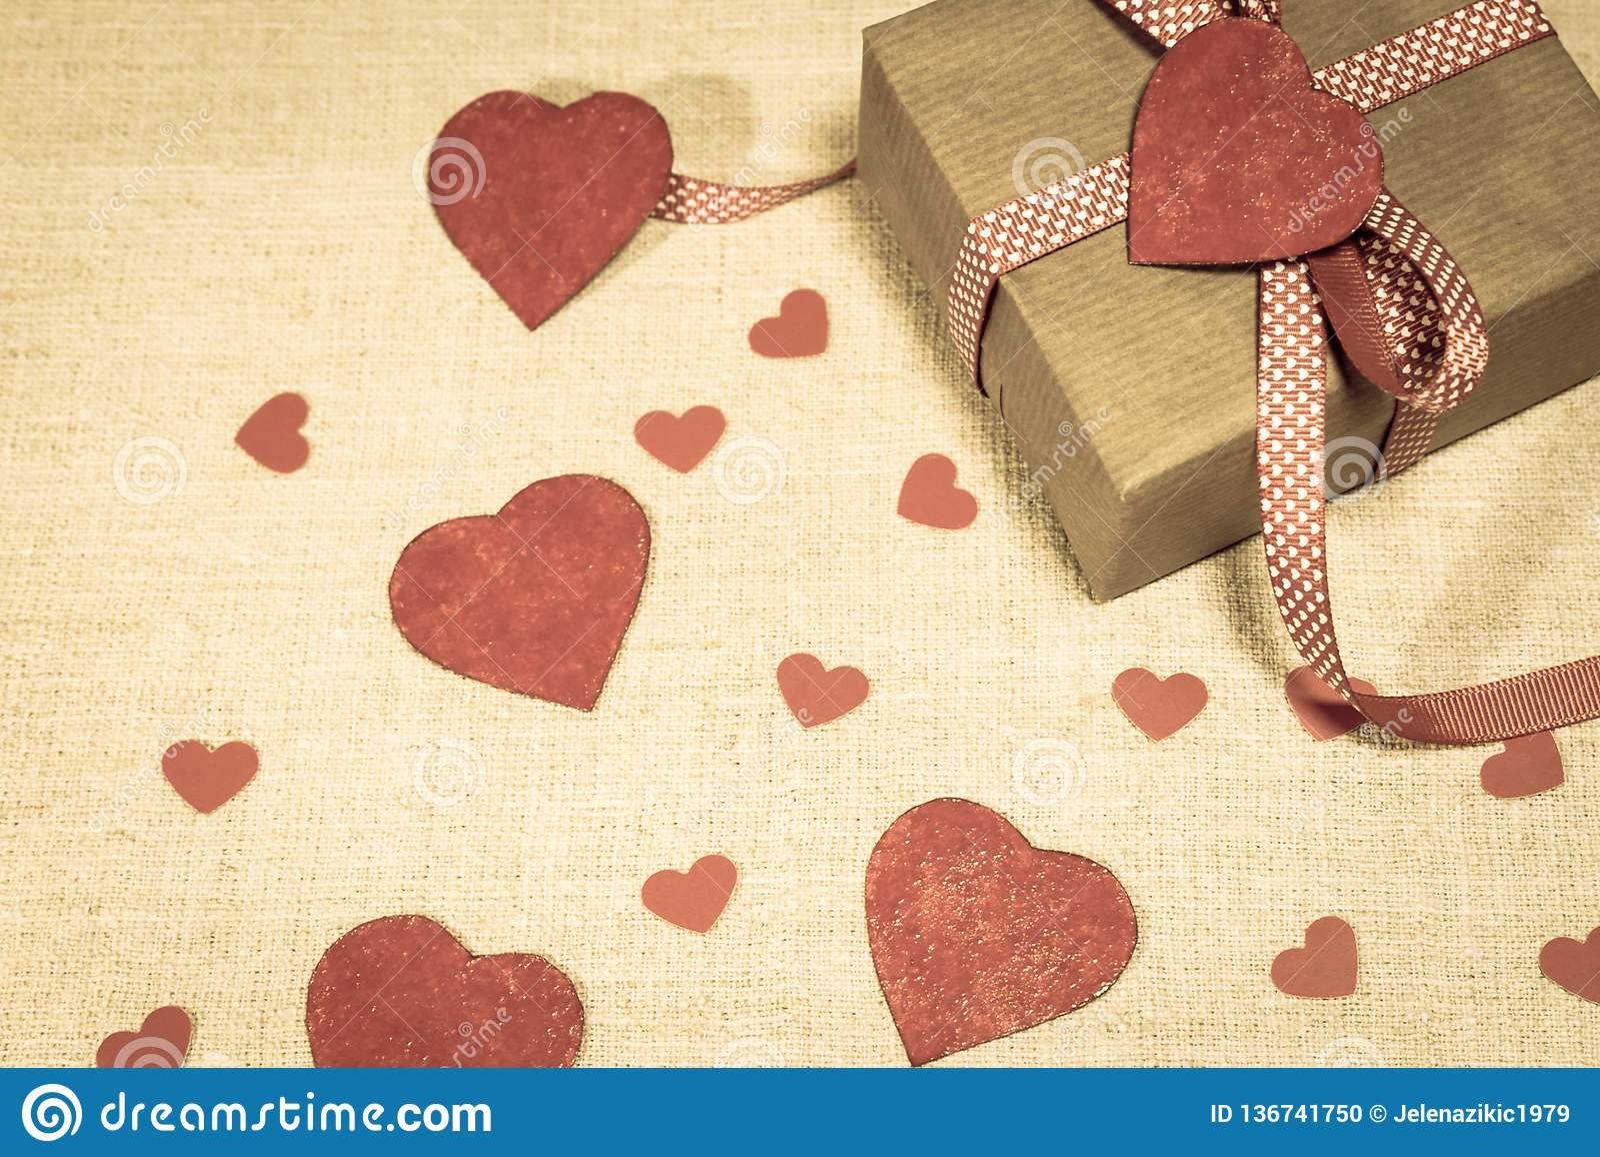 Valentine`s Day gift